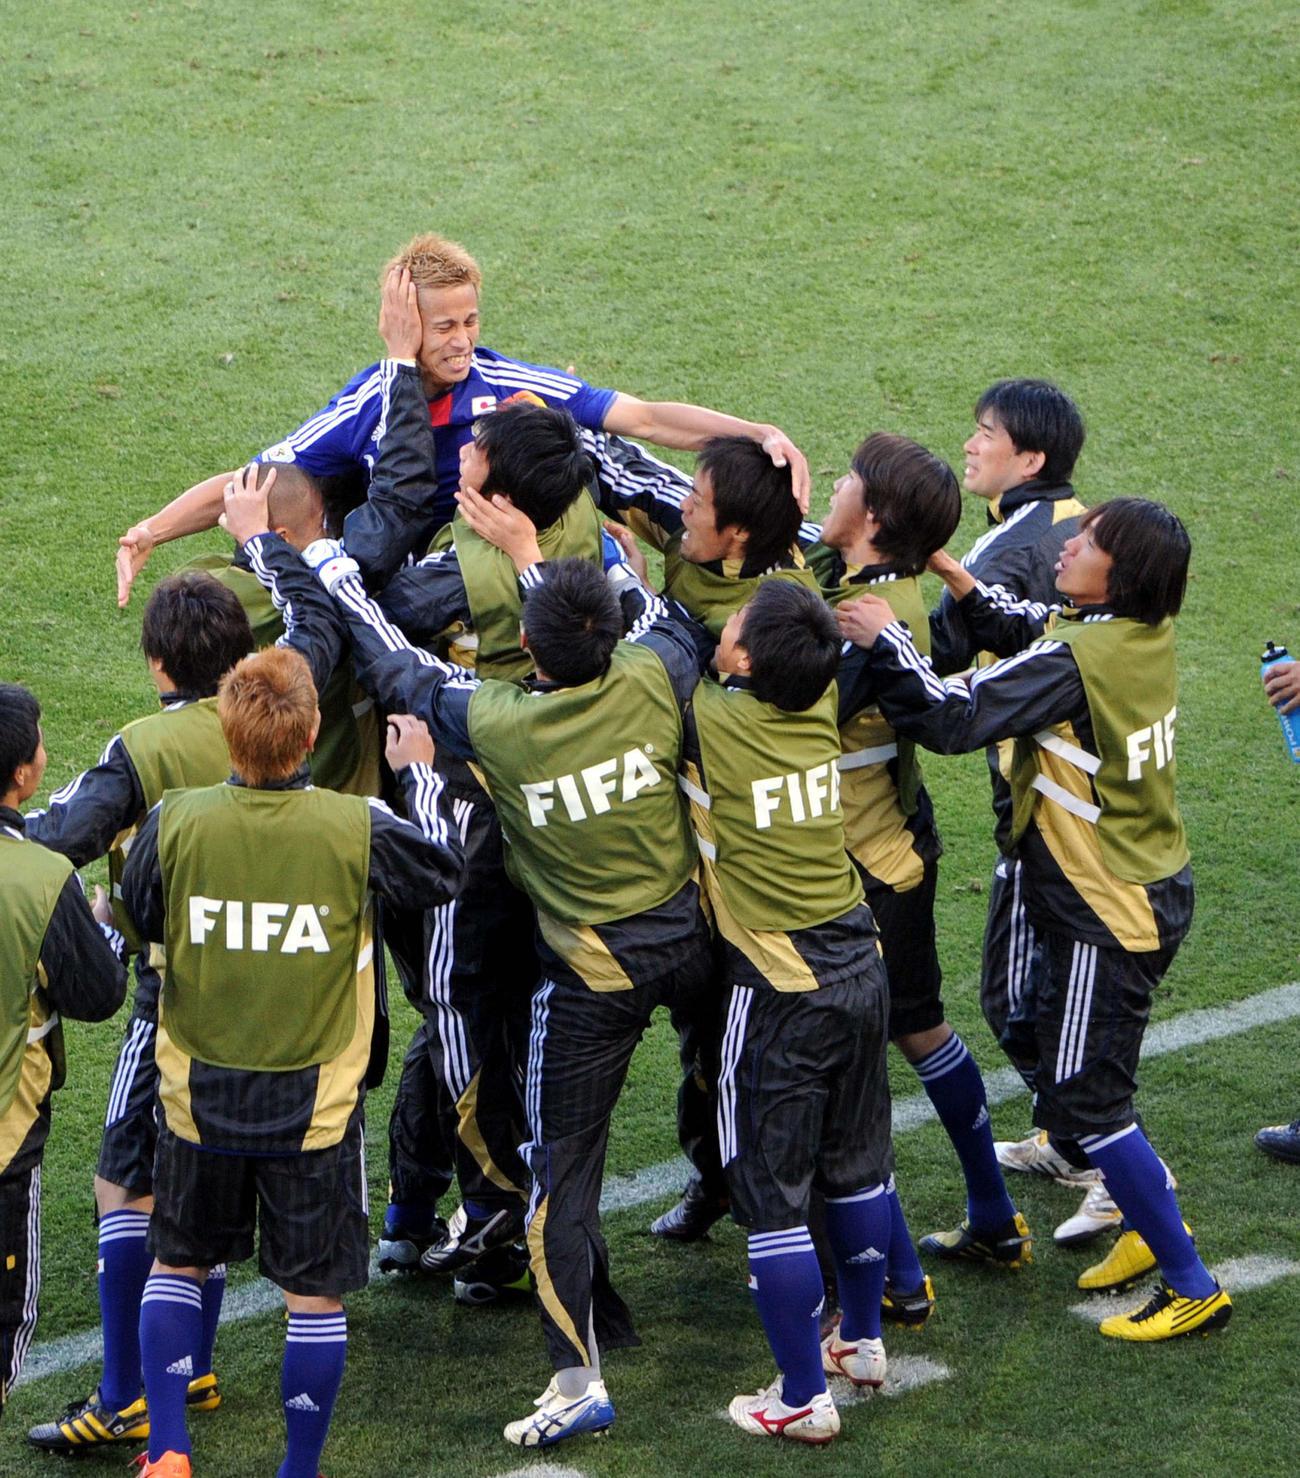 10年6月、W杯南アフリカ大会1次リーグのカメルーン戦の前半39分、先制ゴールを決めイレブンに抱きついて喜ぶ本田